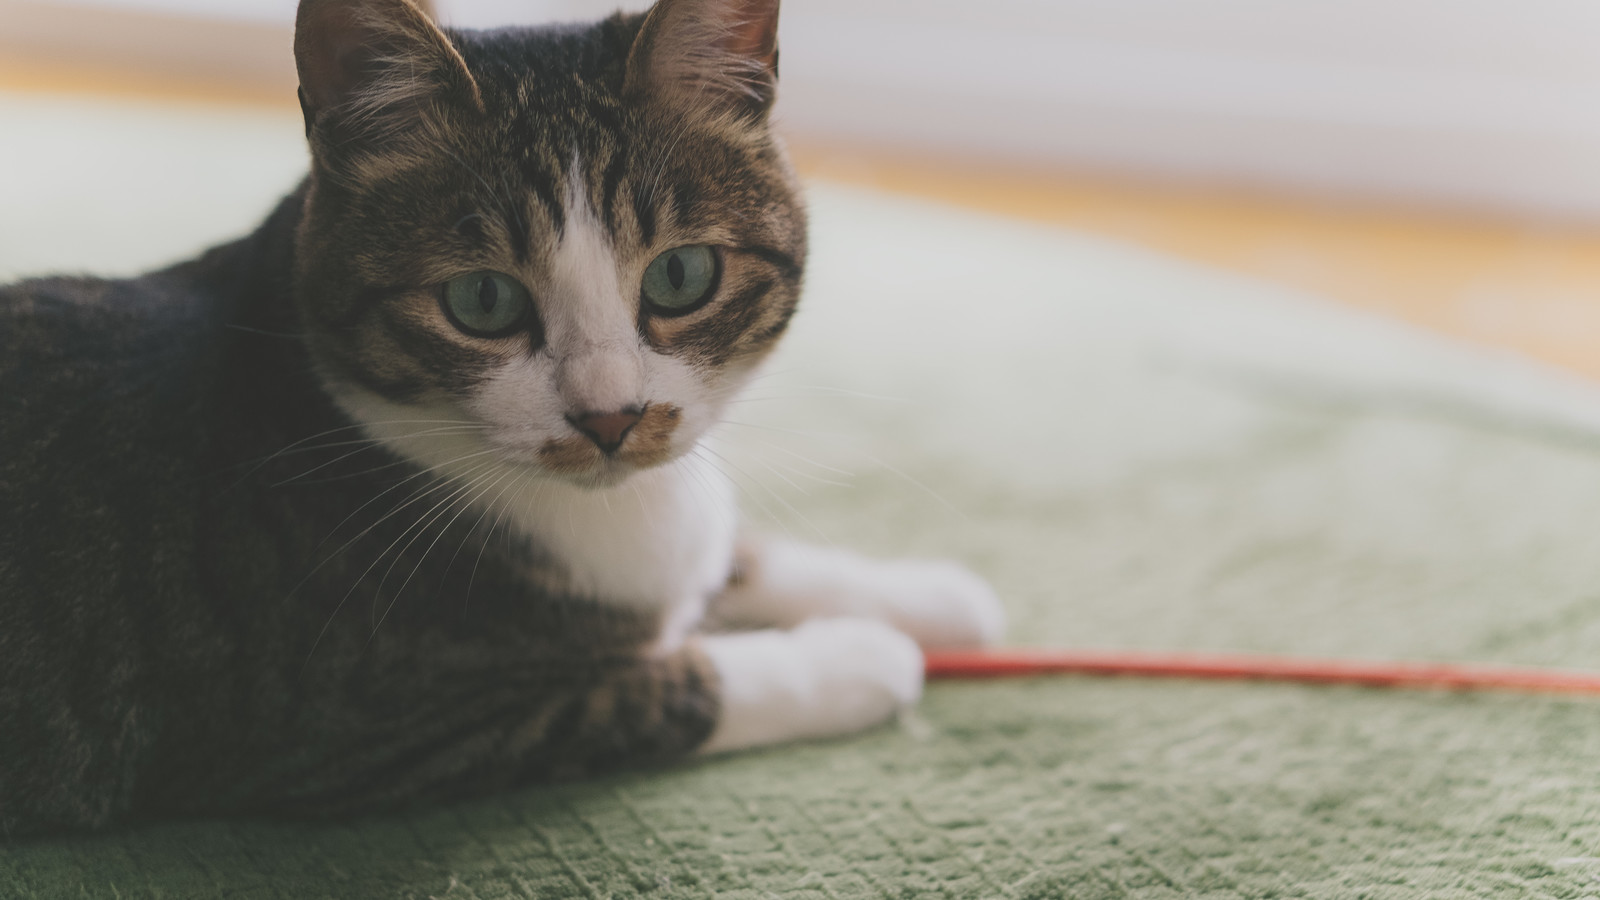 「忙しいので後にしてもらえますか(猫)」の写真